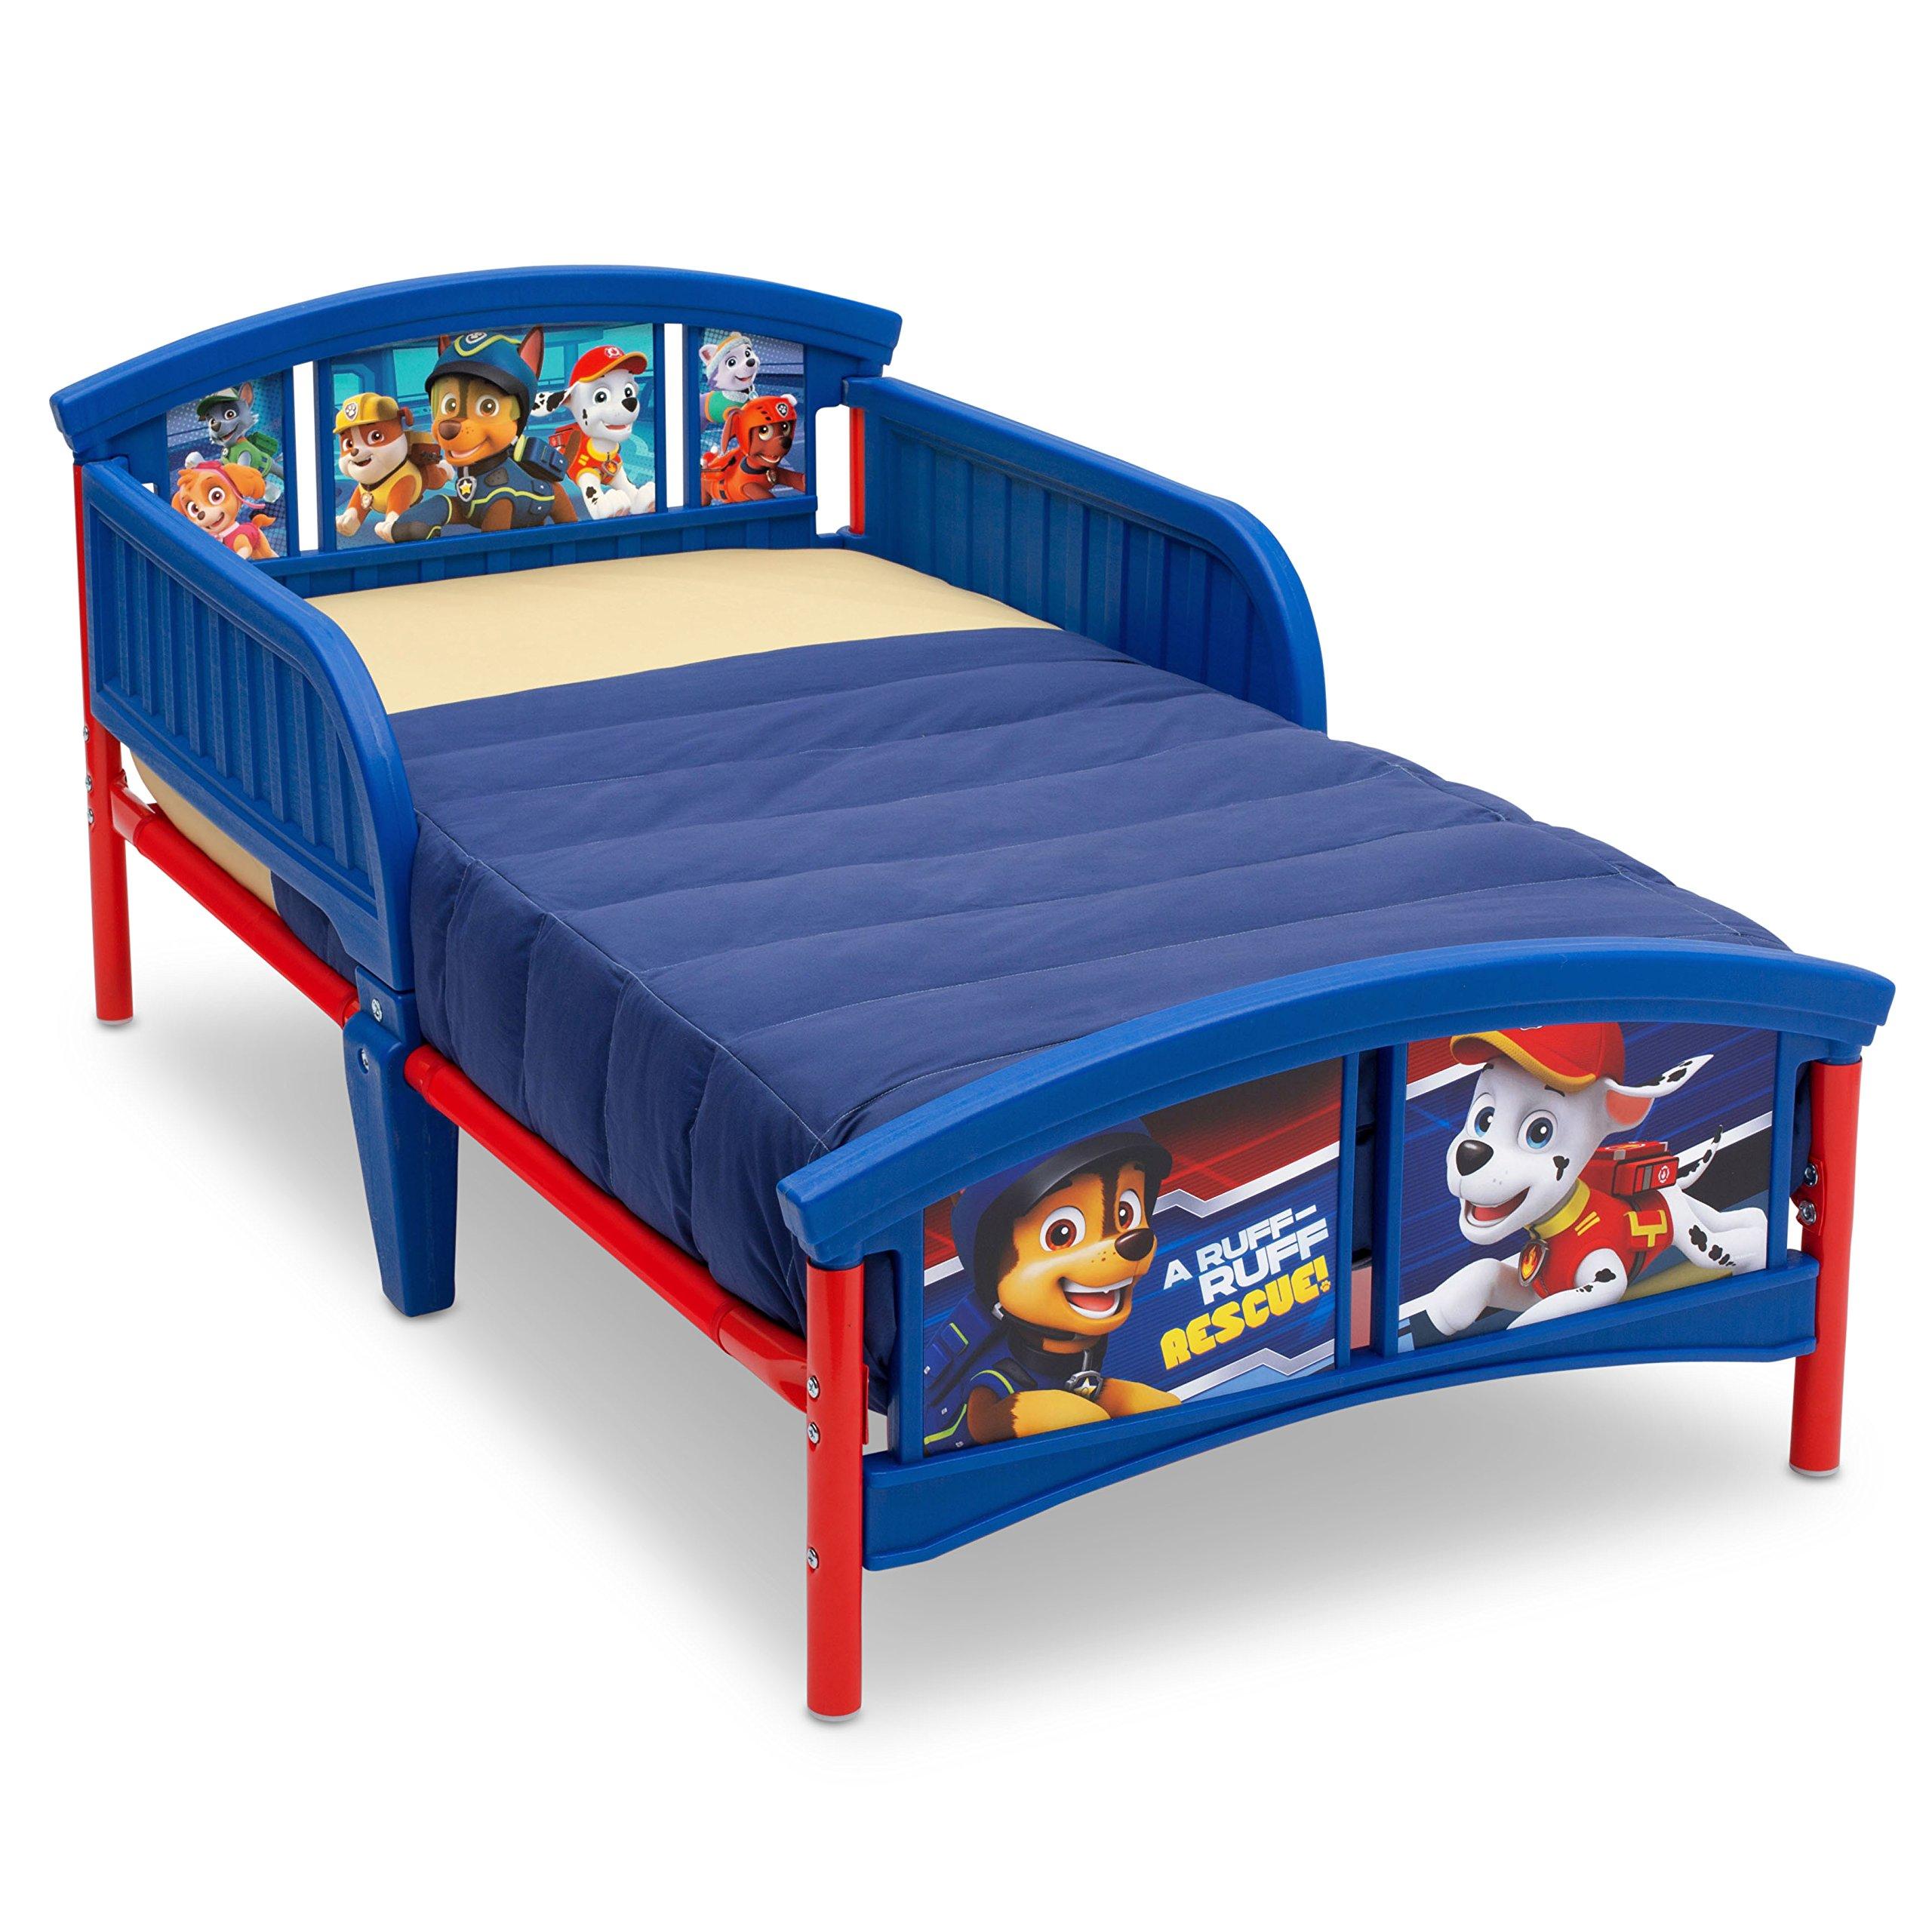 Delta Children Plastic Toddler Bed, Nick Jr. PAW Patrol by Delta Children